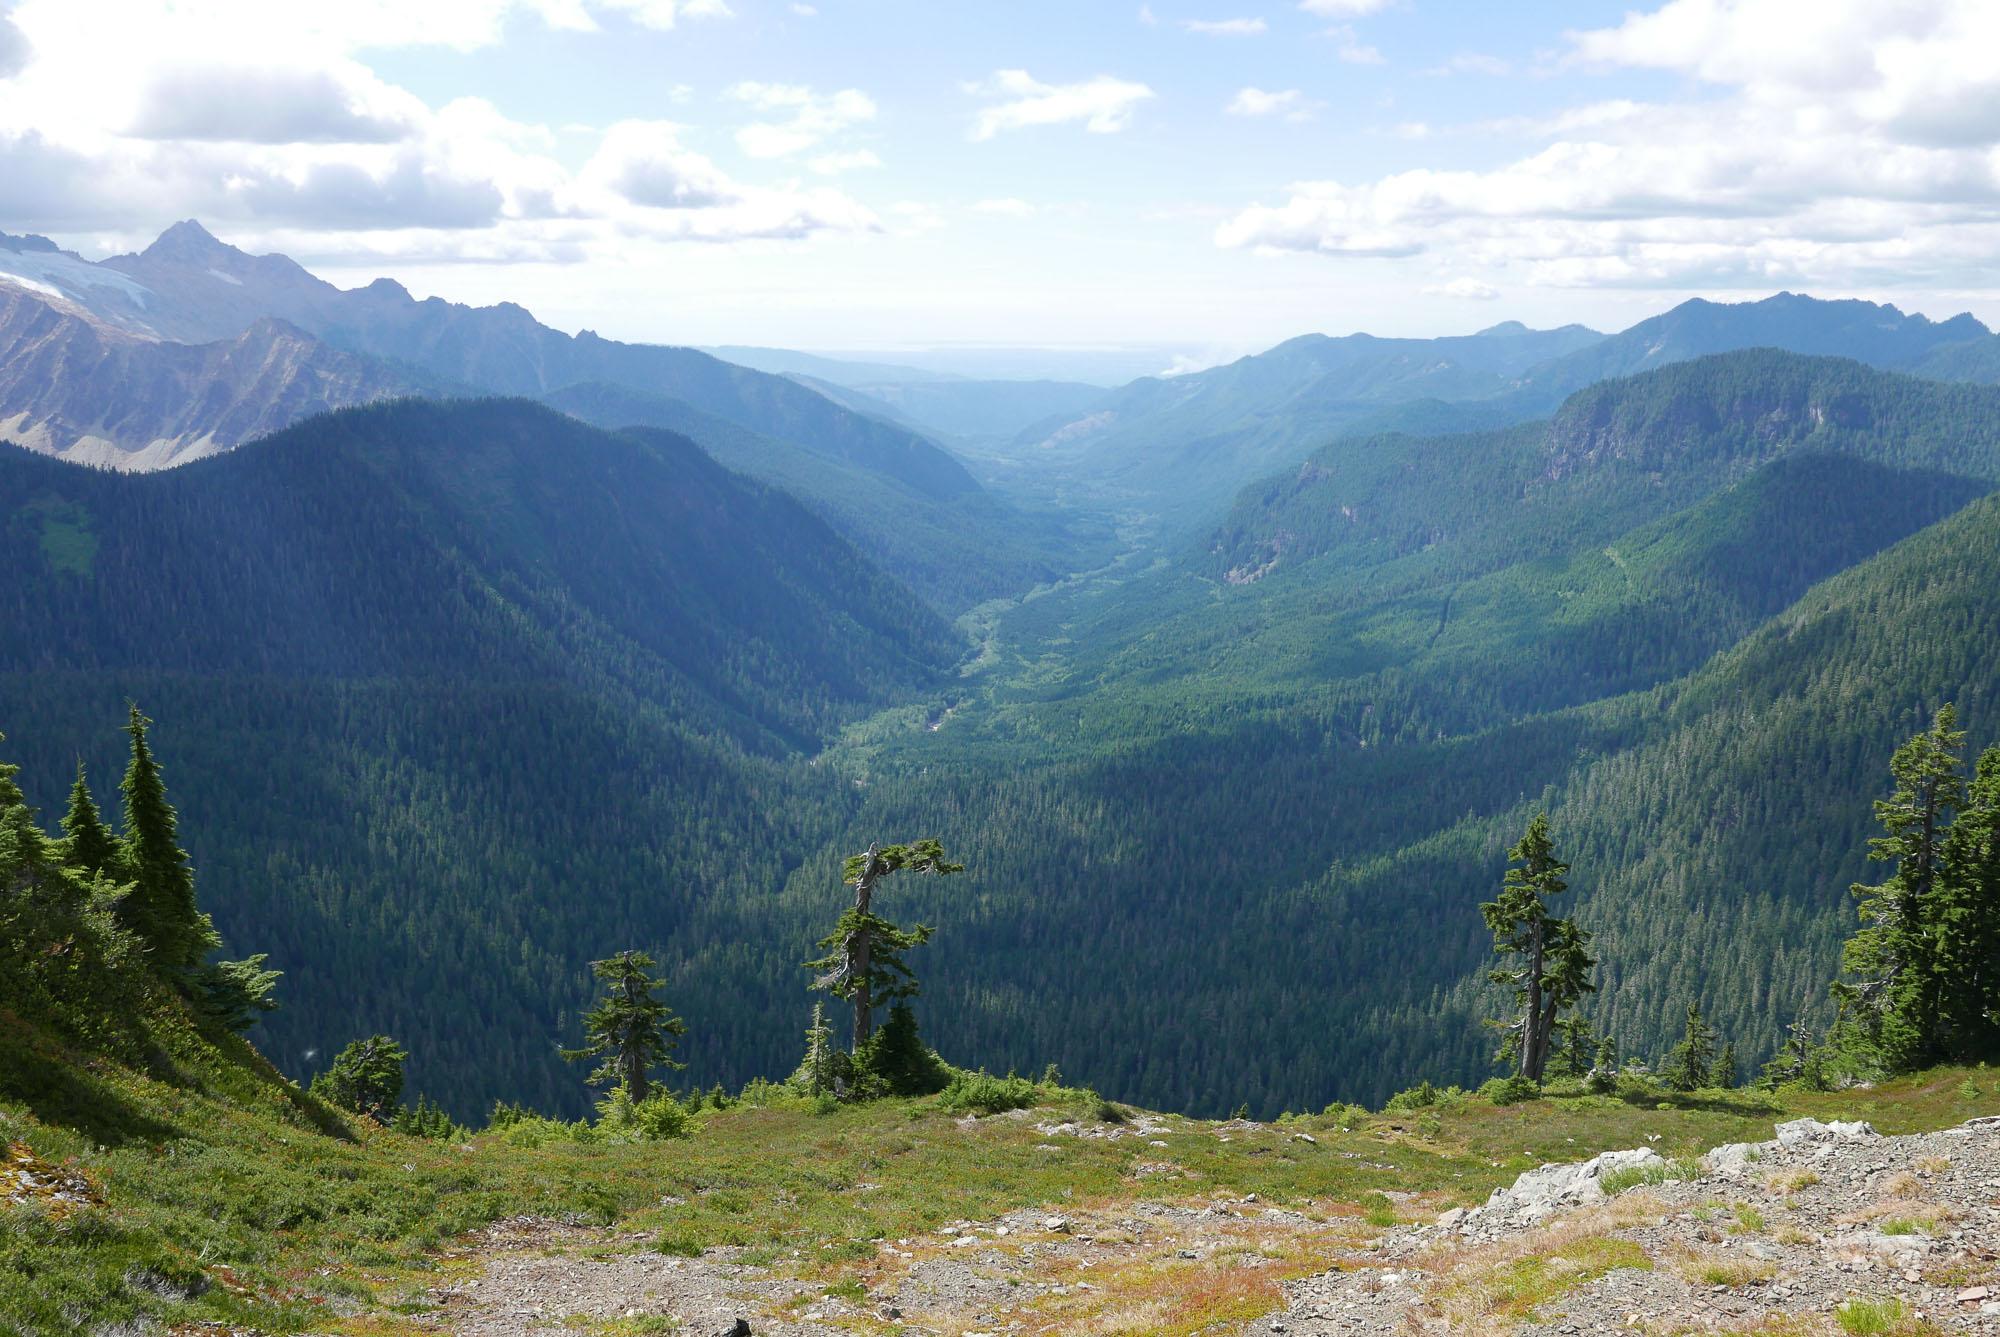 Nooksack valley